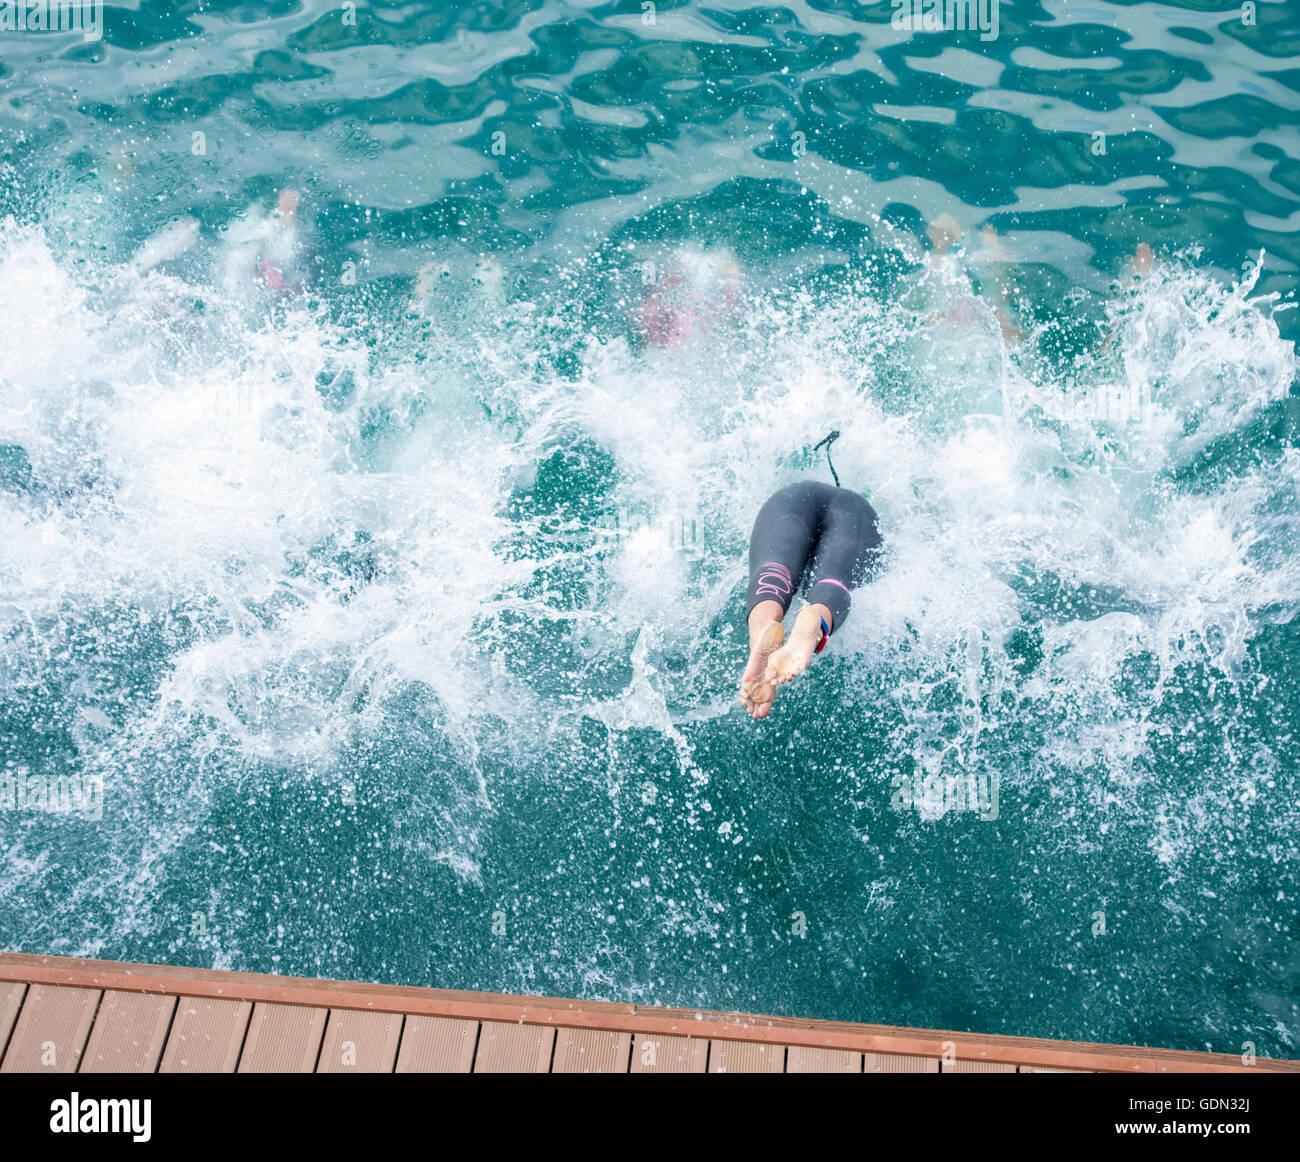 Les triathlètes féminines de plonger dans la mer au début de triathlon. Photo Stock